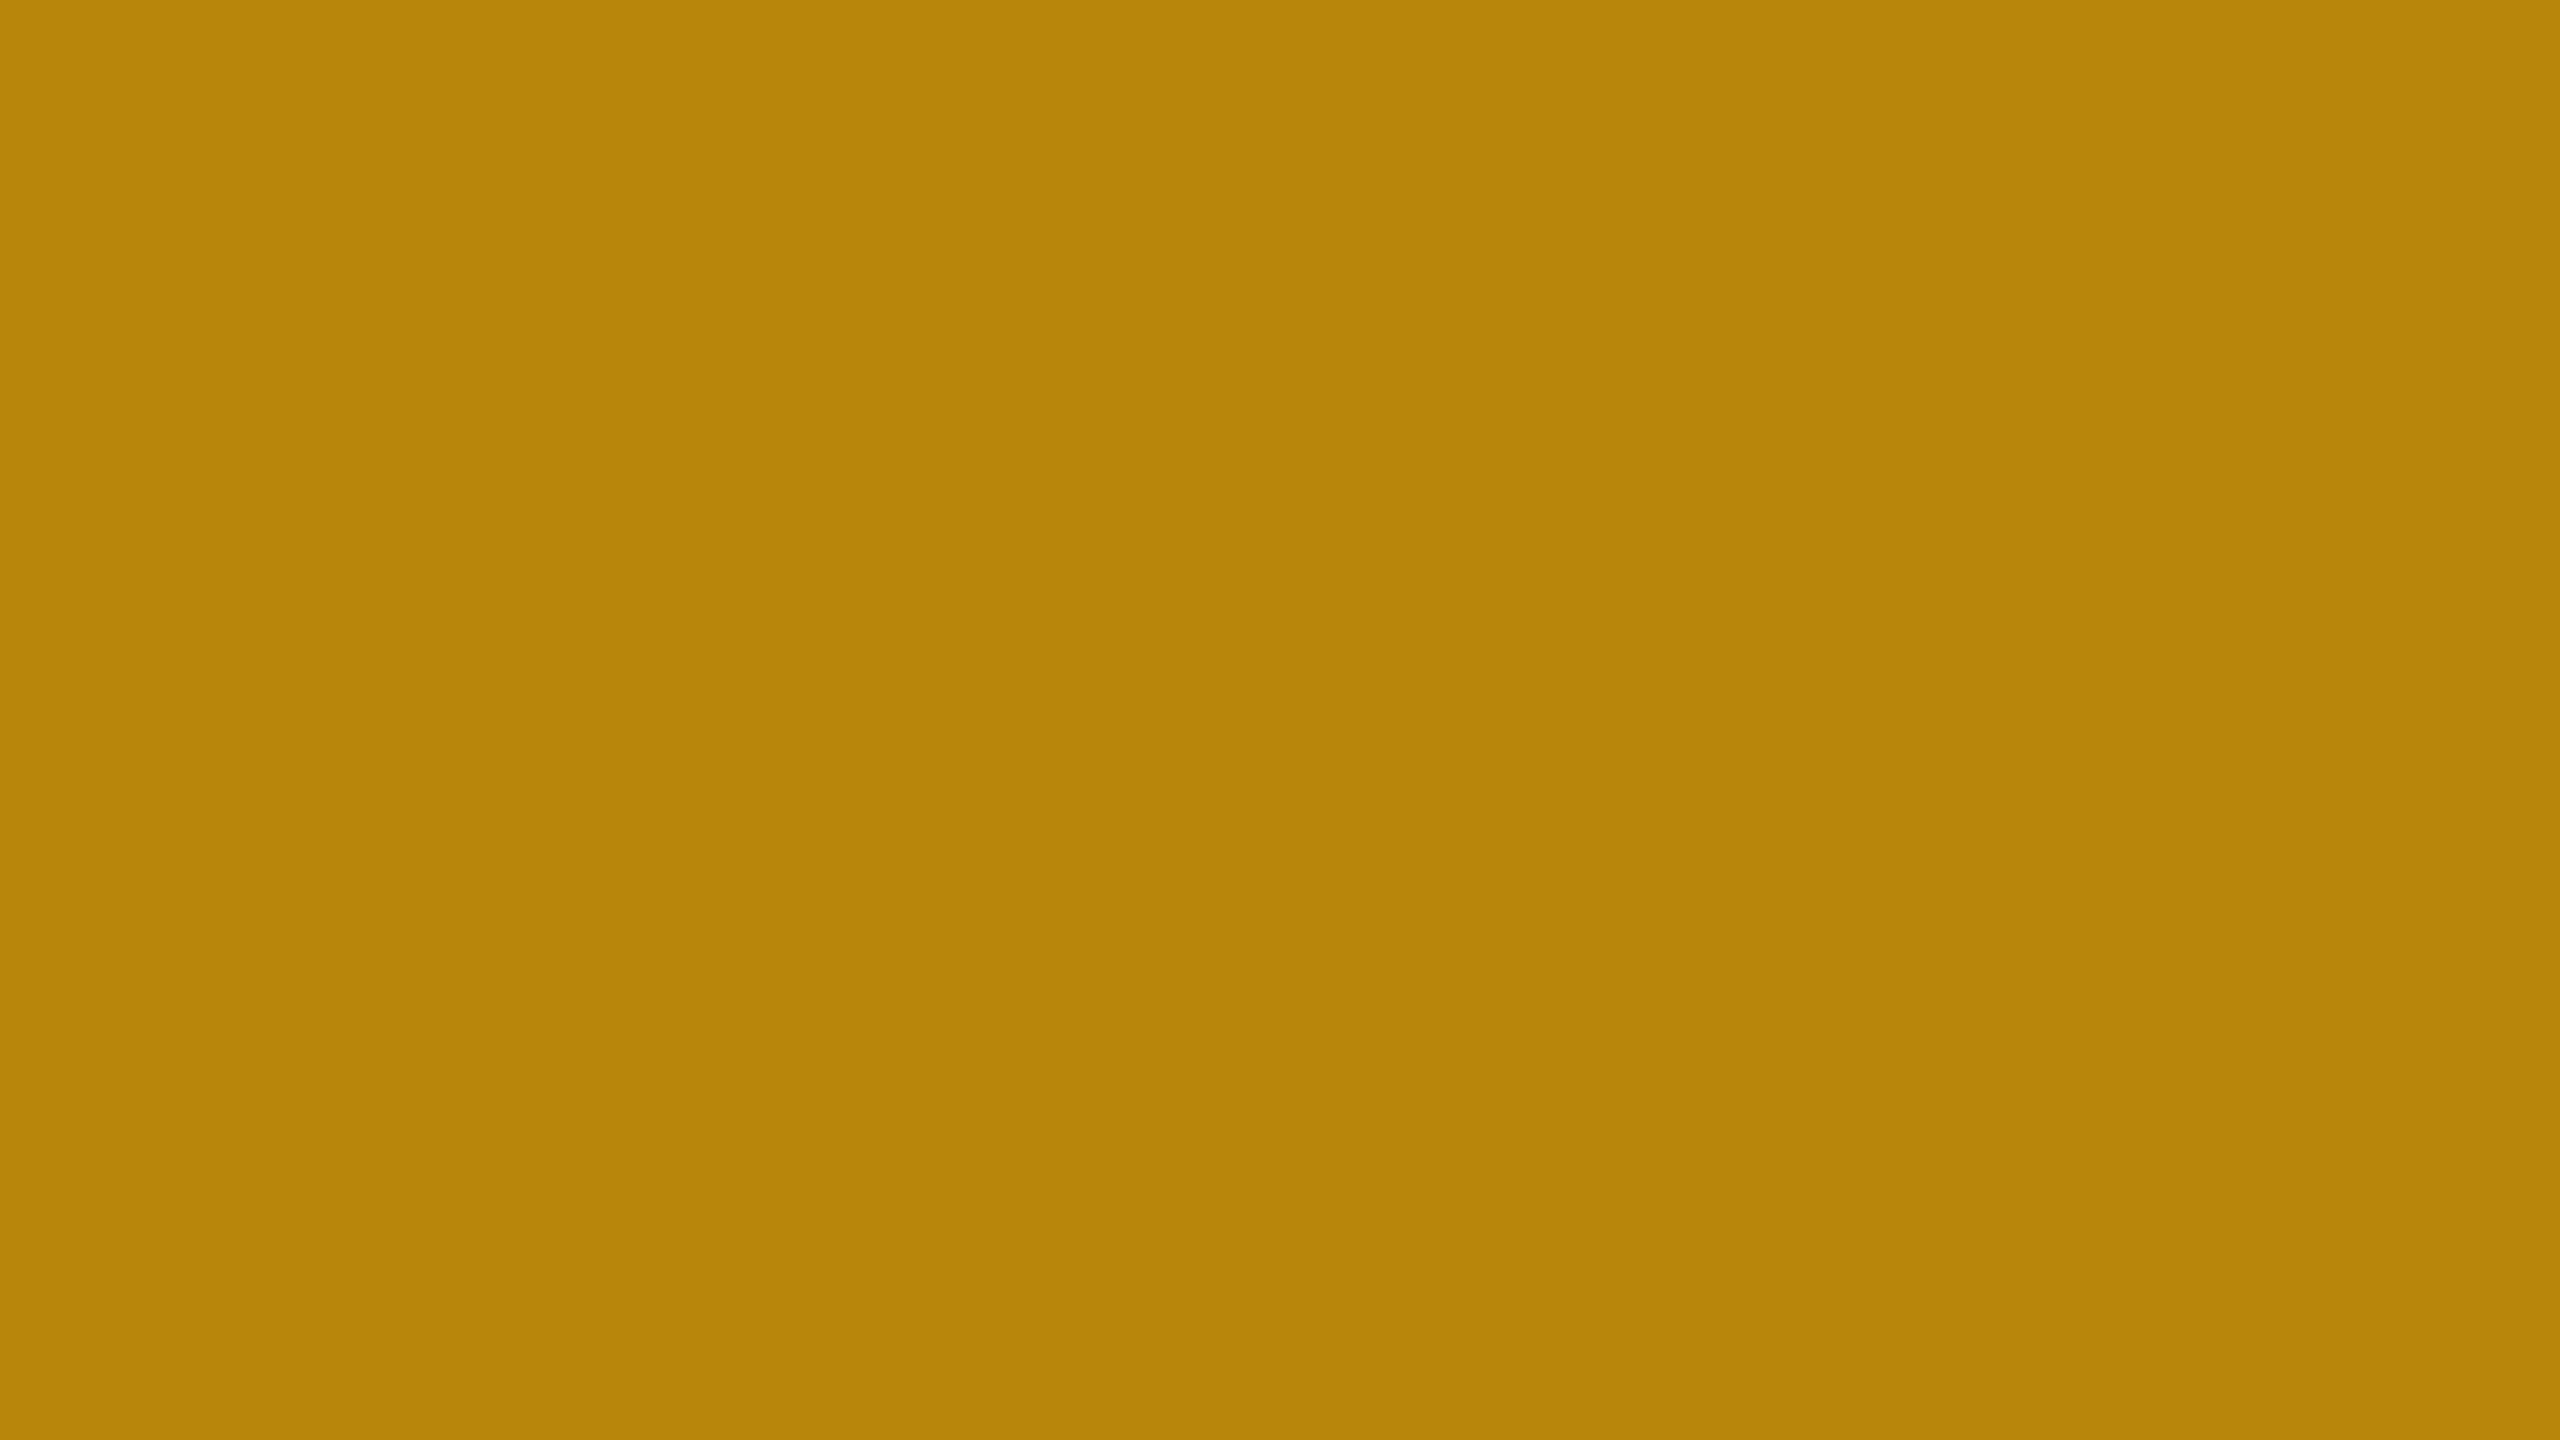 2560x1440 Dark Goldenrod Solid Color Background